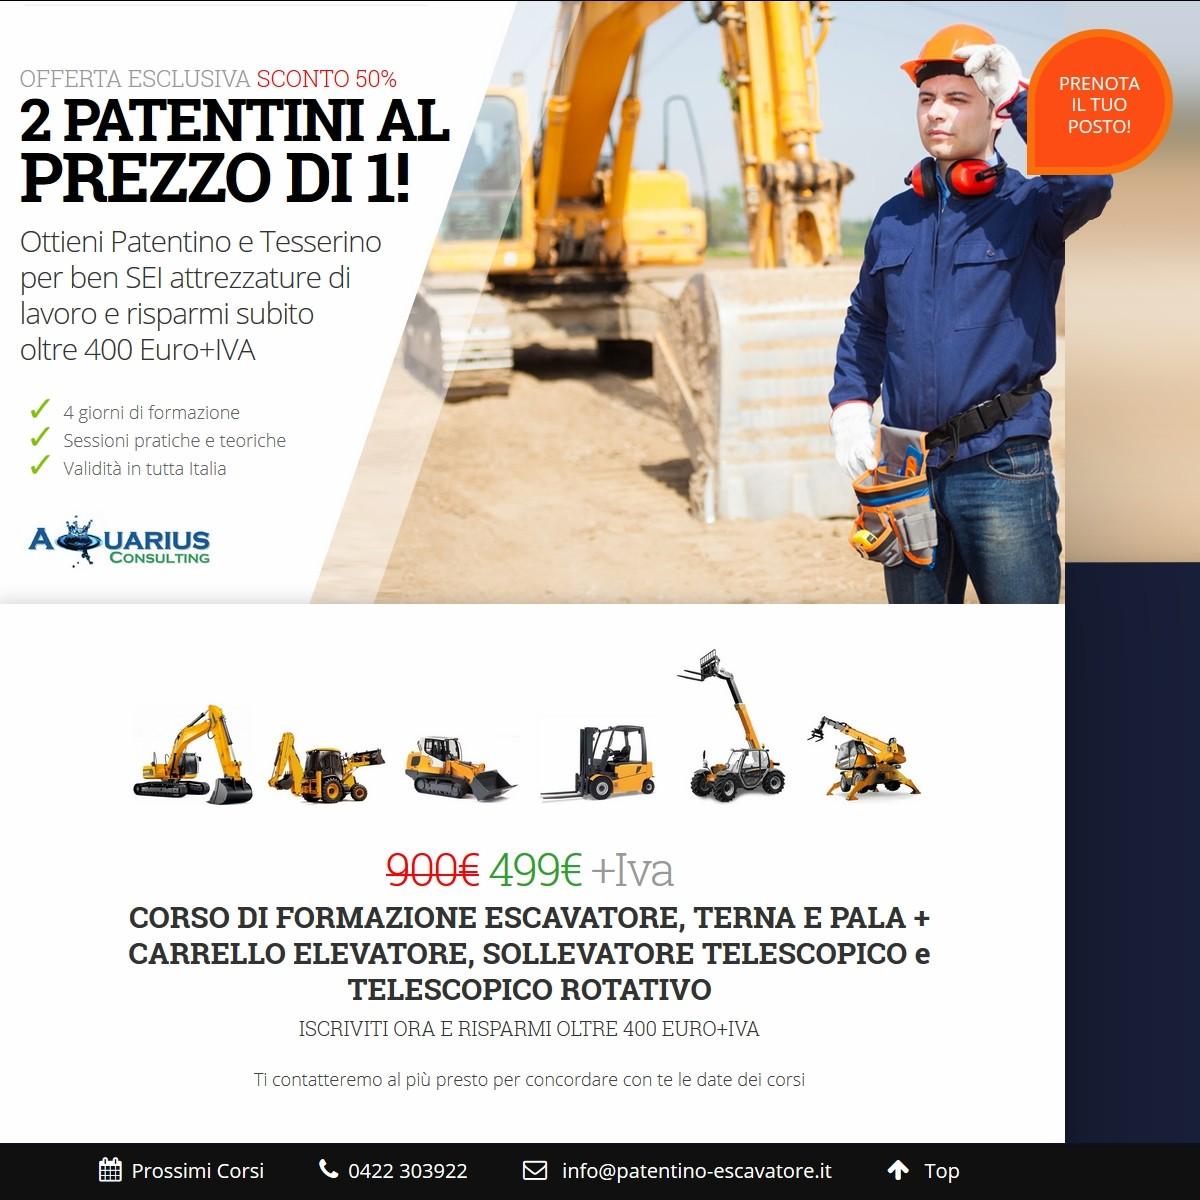 Concorso Vigili del Fuoco 2016 | Punti Patentini Attrezzature: Corsi Treviso|Venezia|Padova|Vicenza|Rovigo|Belluno